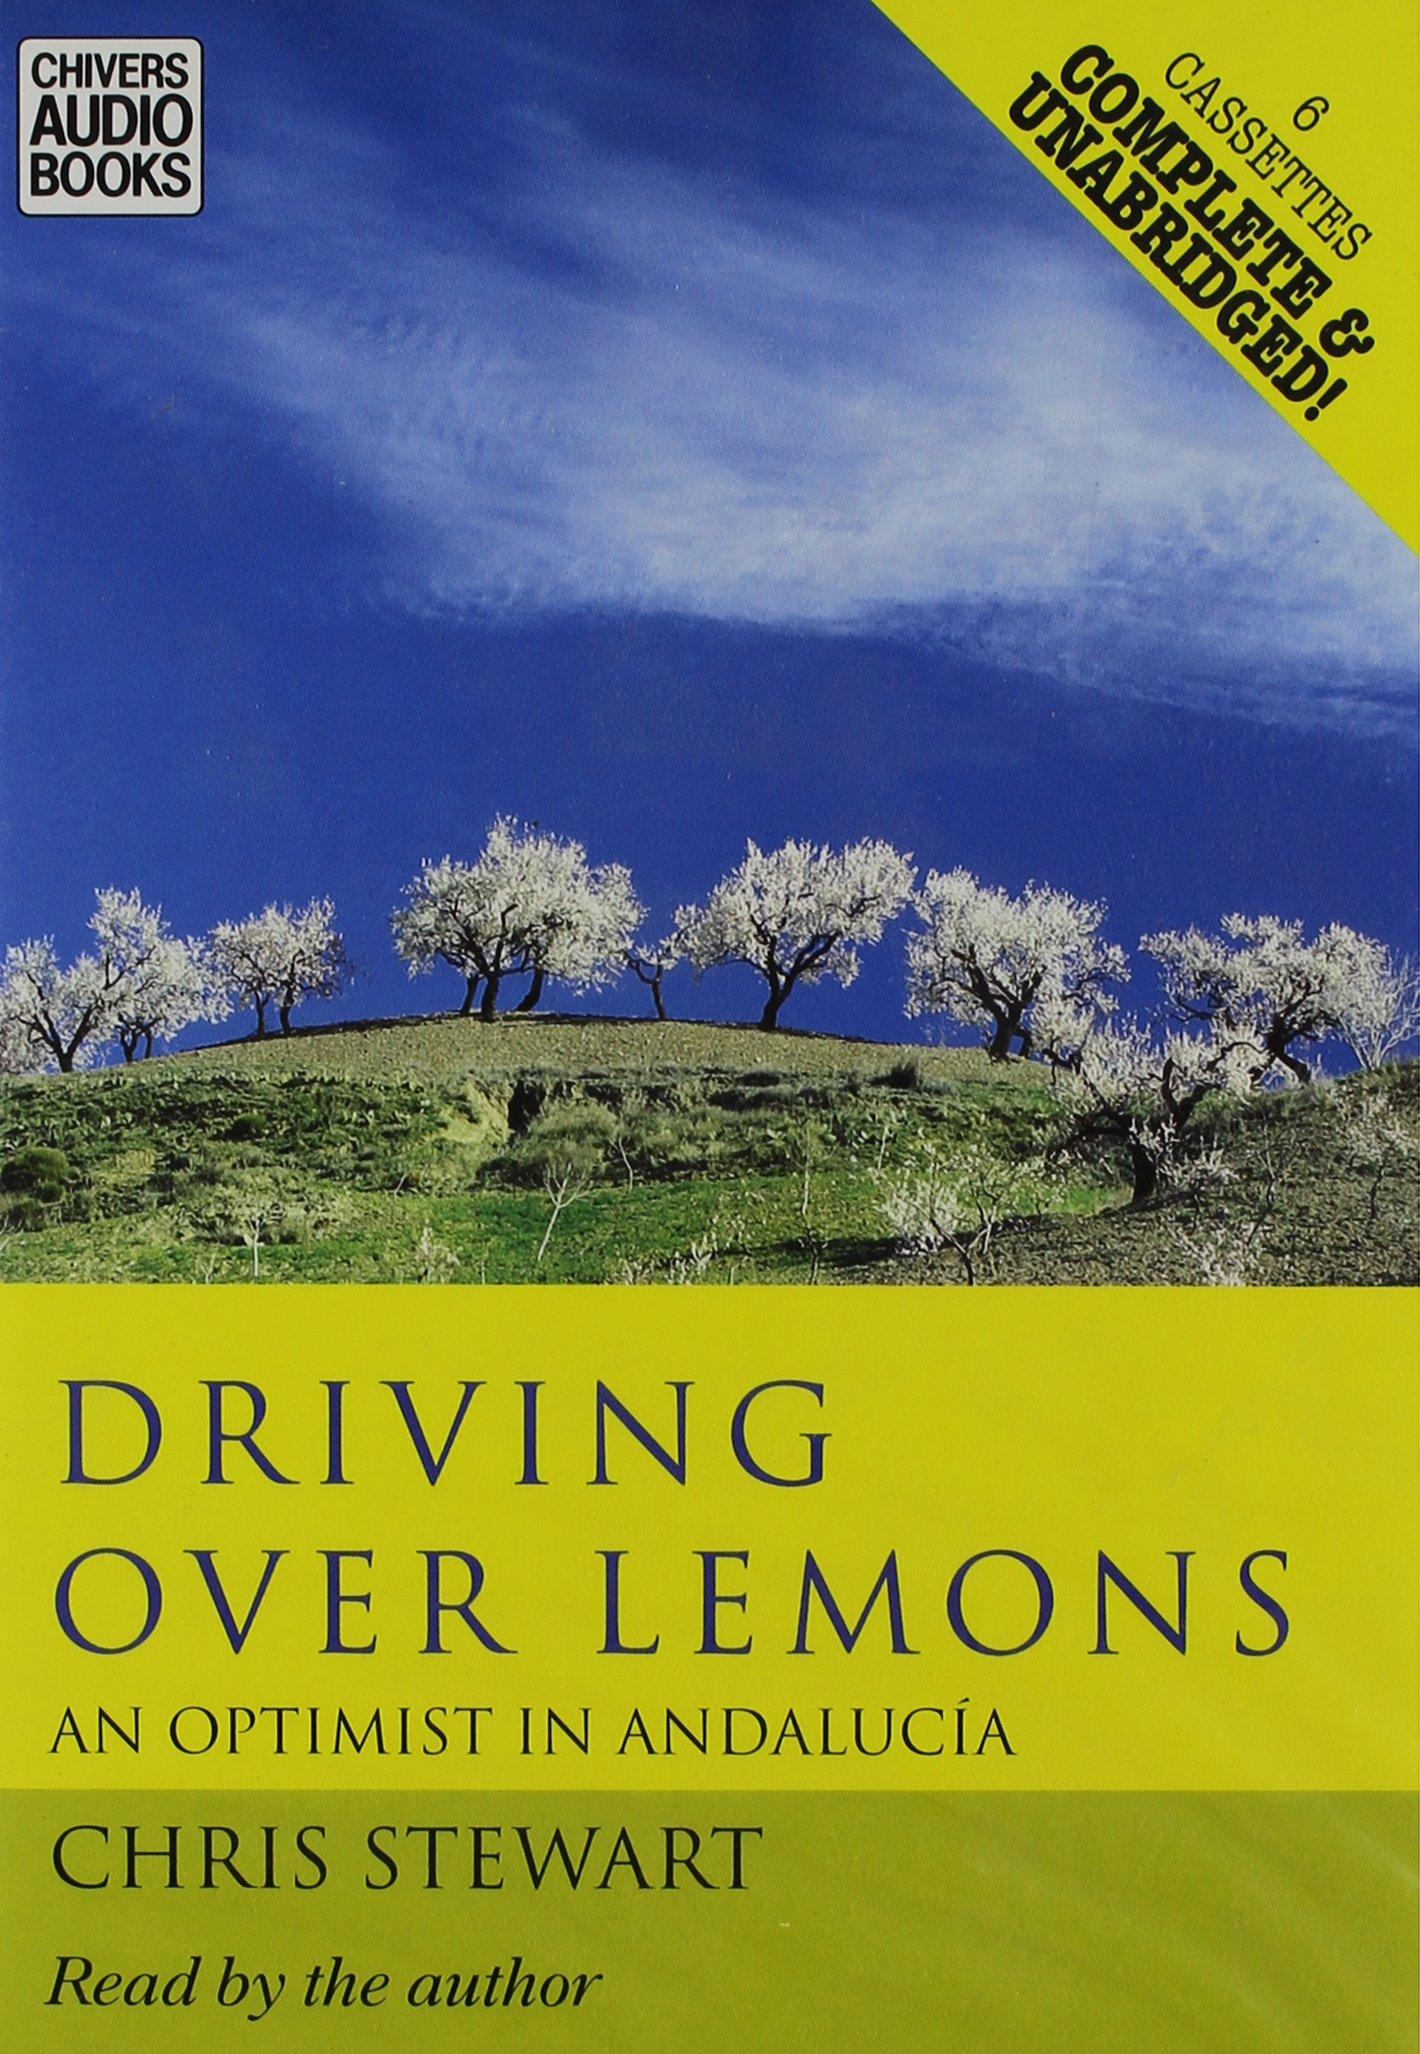 Driving Over Lemons